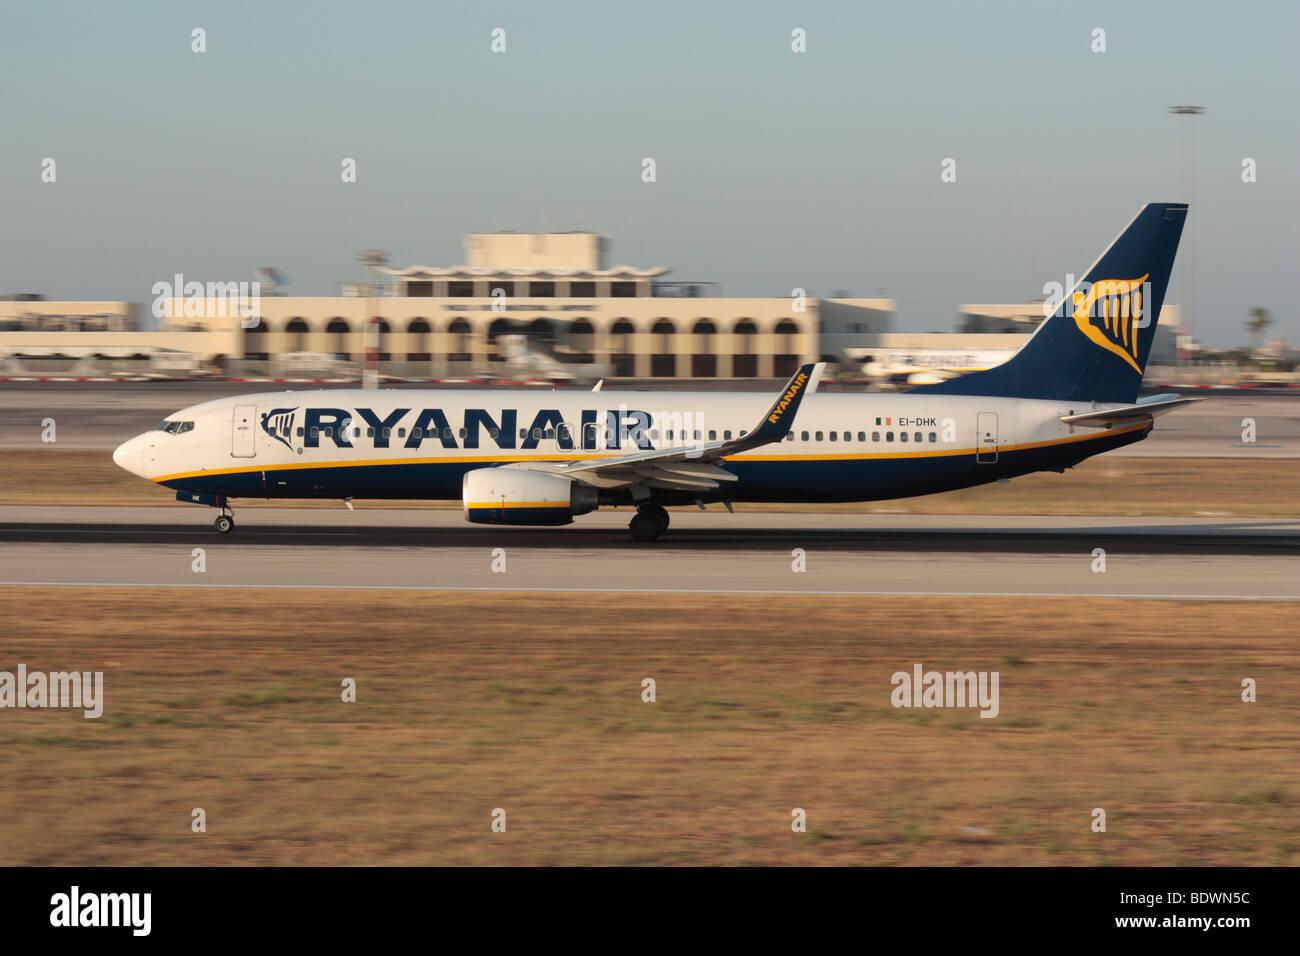 Ryanair Boeing 737-800 jet airplane picking up speed during